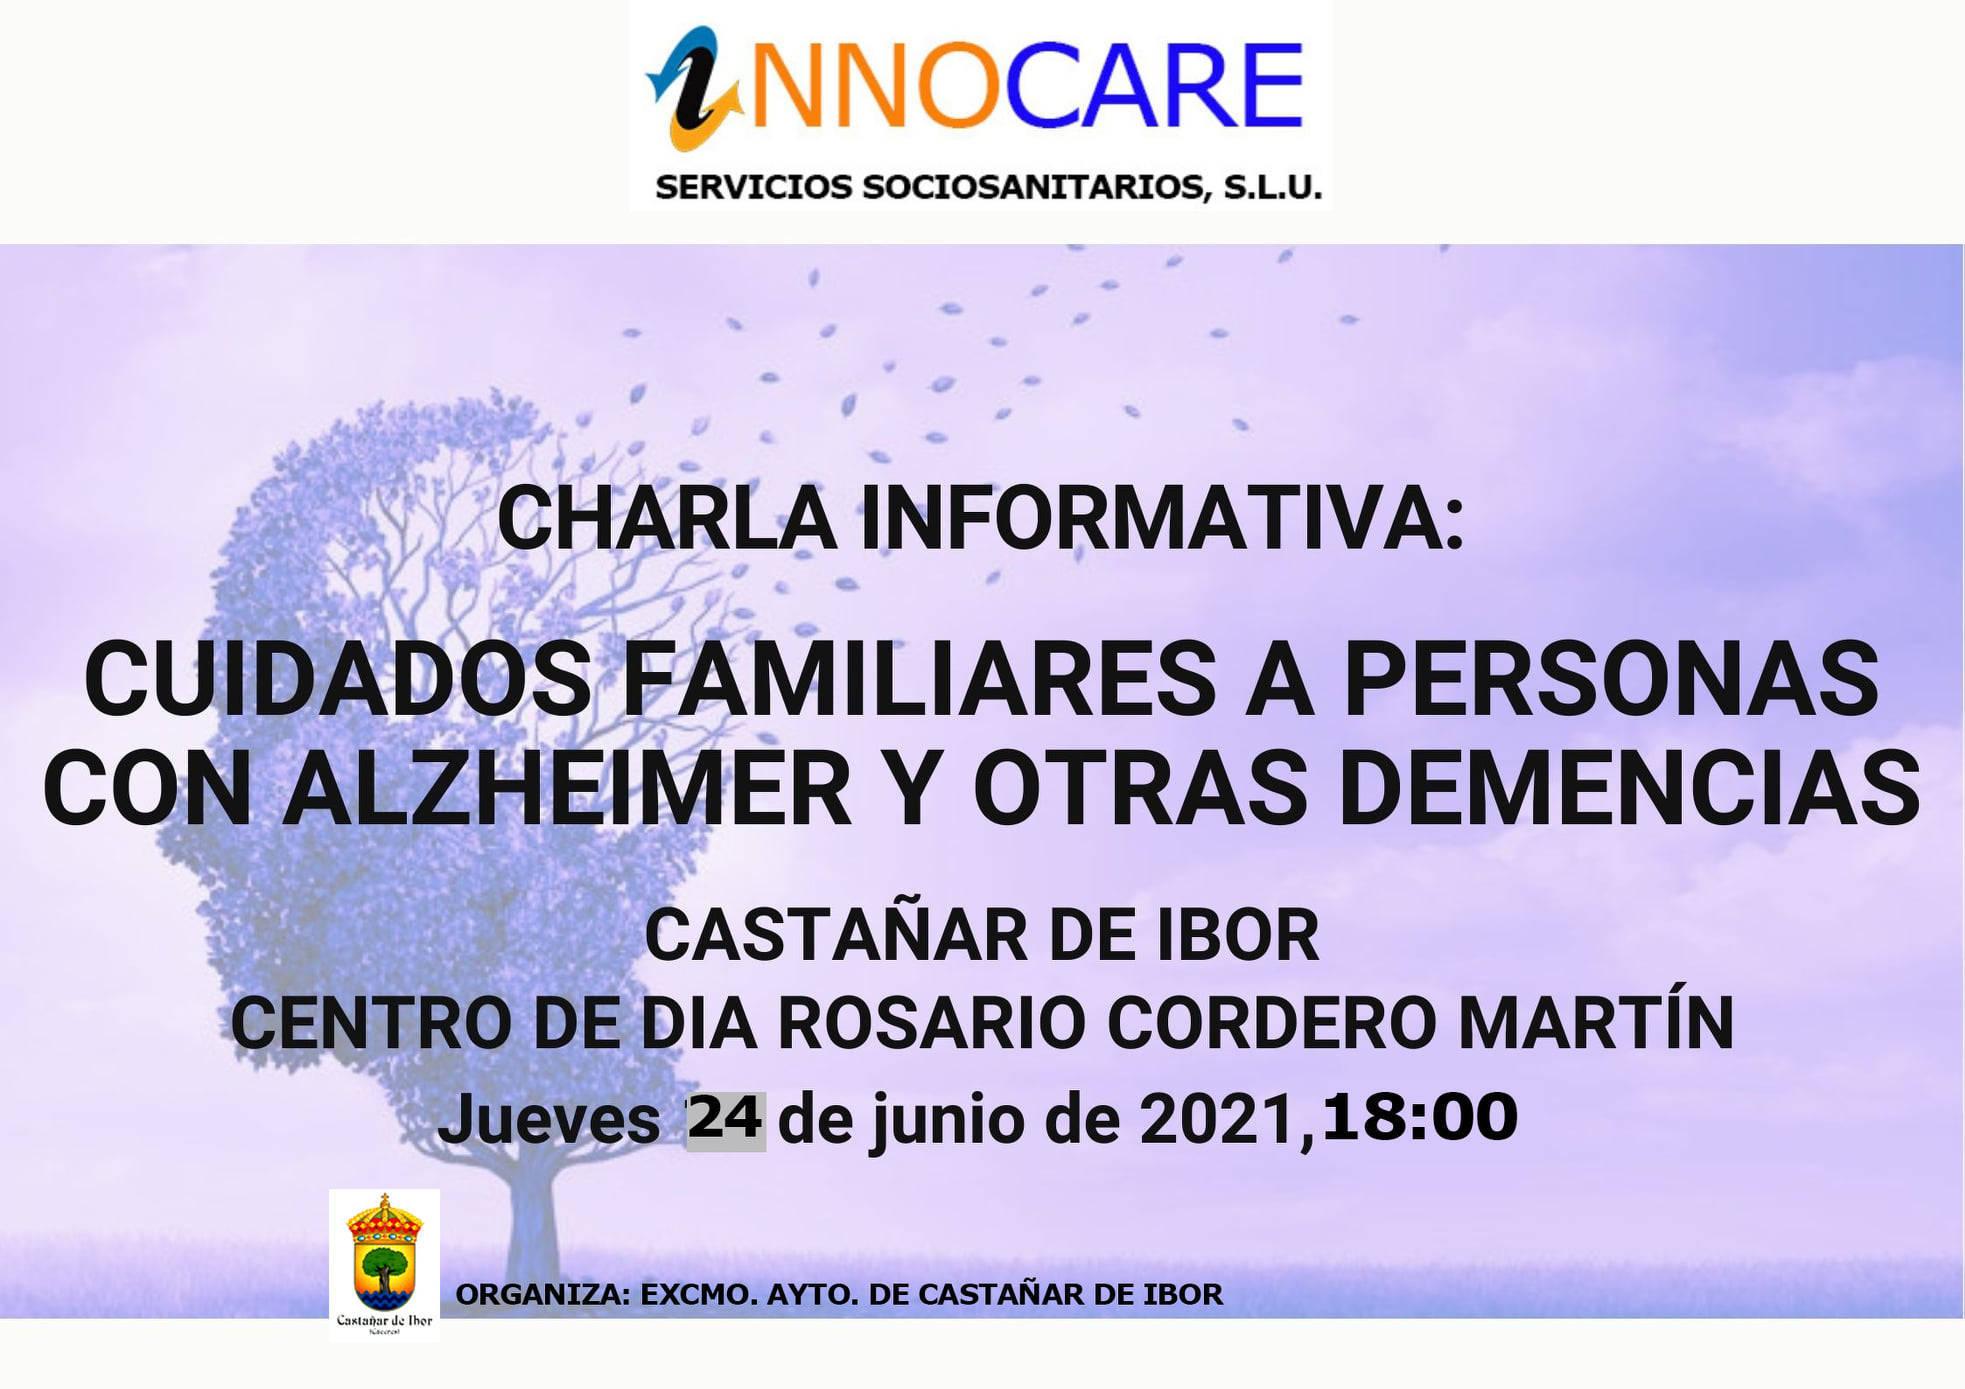 Charla informativa sobre el alzhéimer y otras demencias (2021) - Castañar de Ibor (Cáceres)